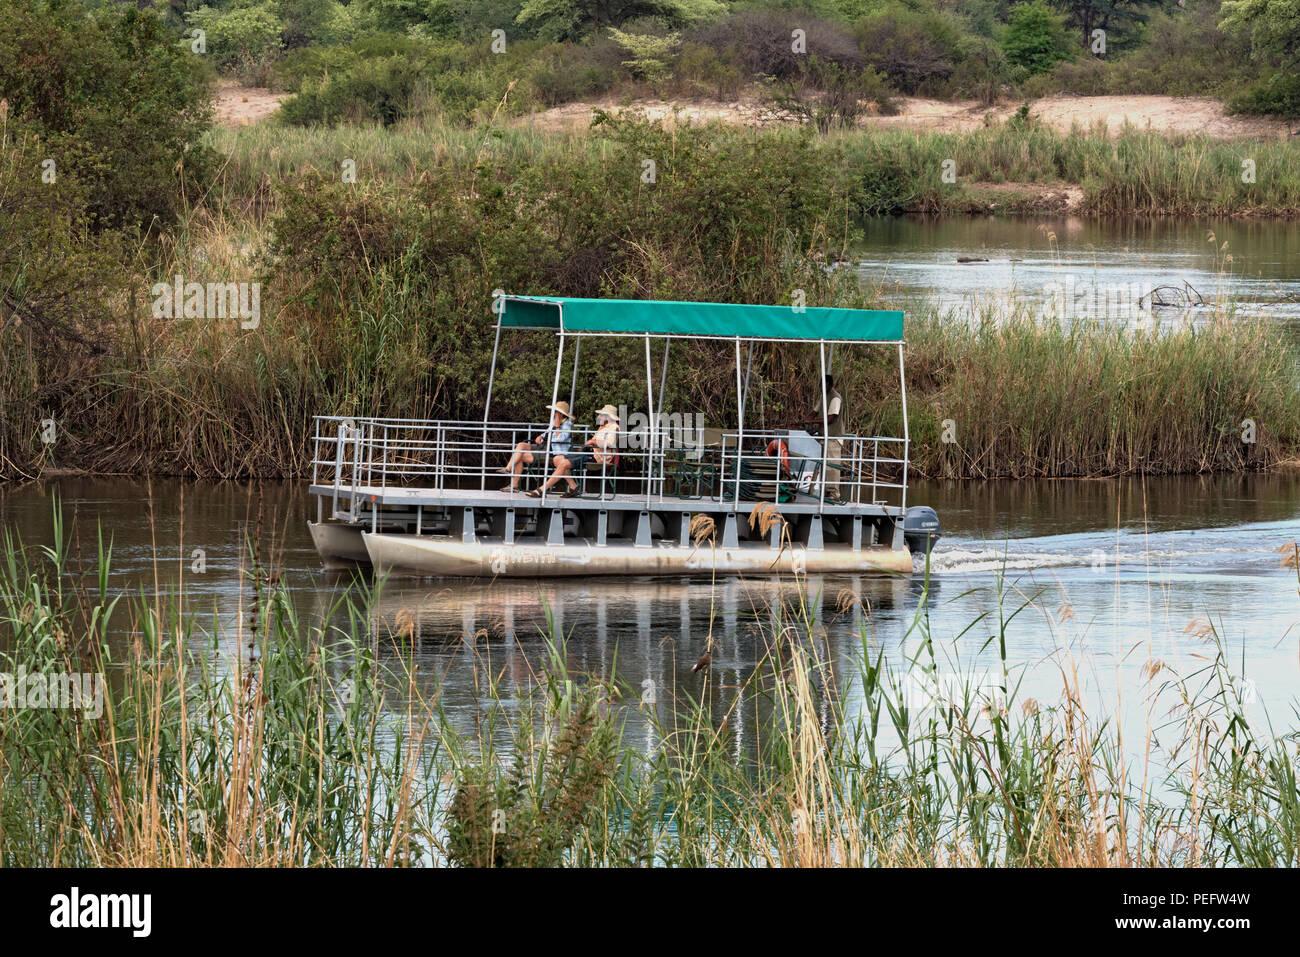 Bateau de tourisme sur l'Okavango en Namibie. Photo Stock